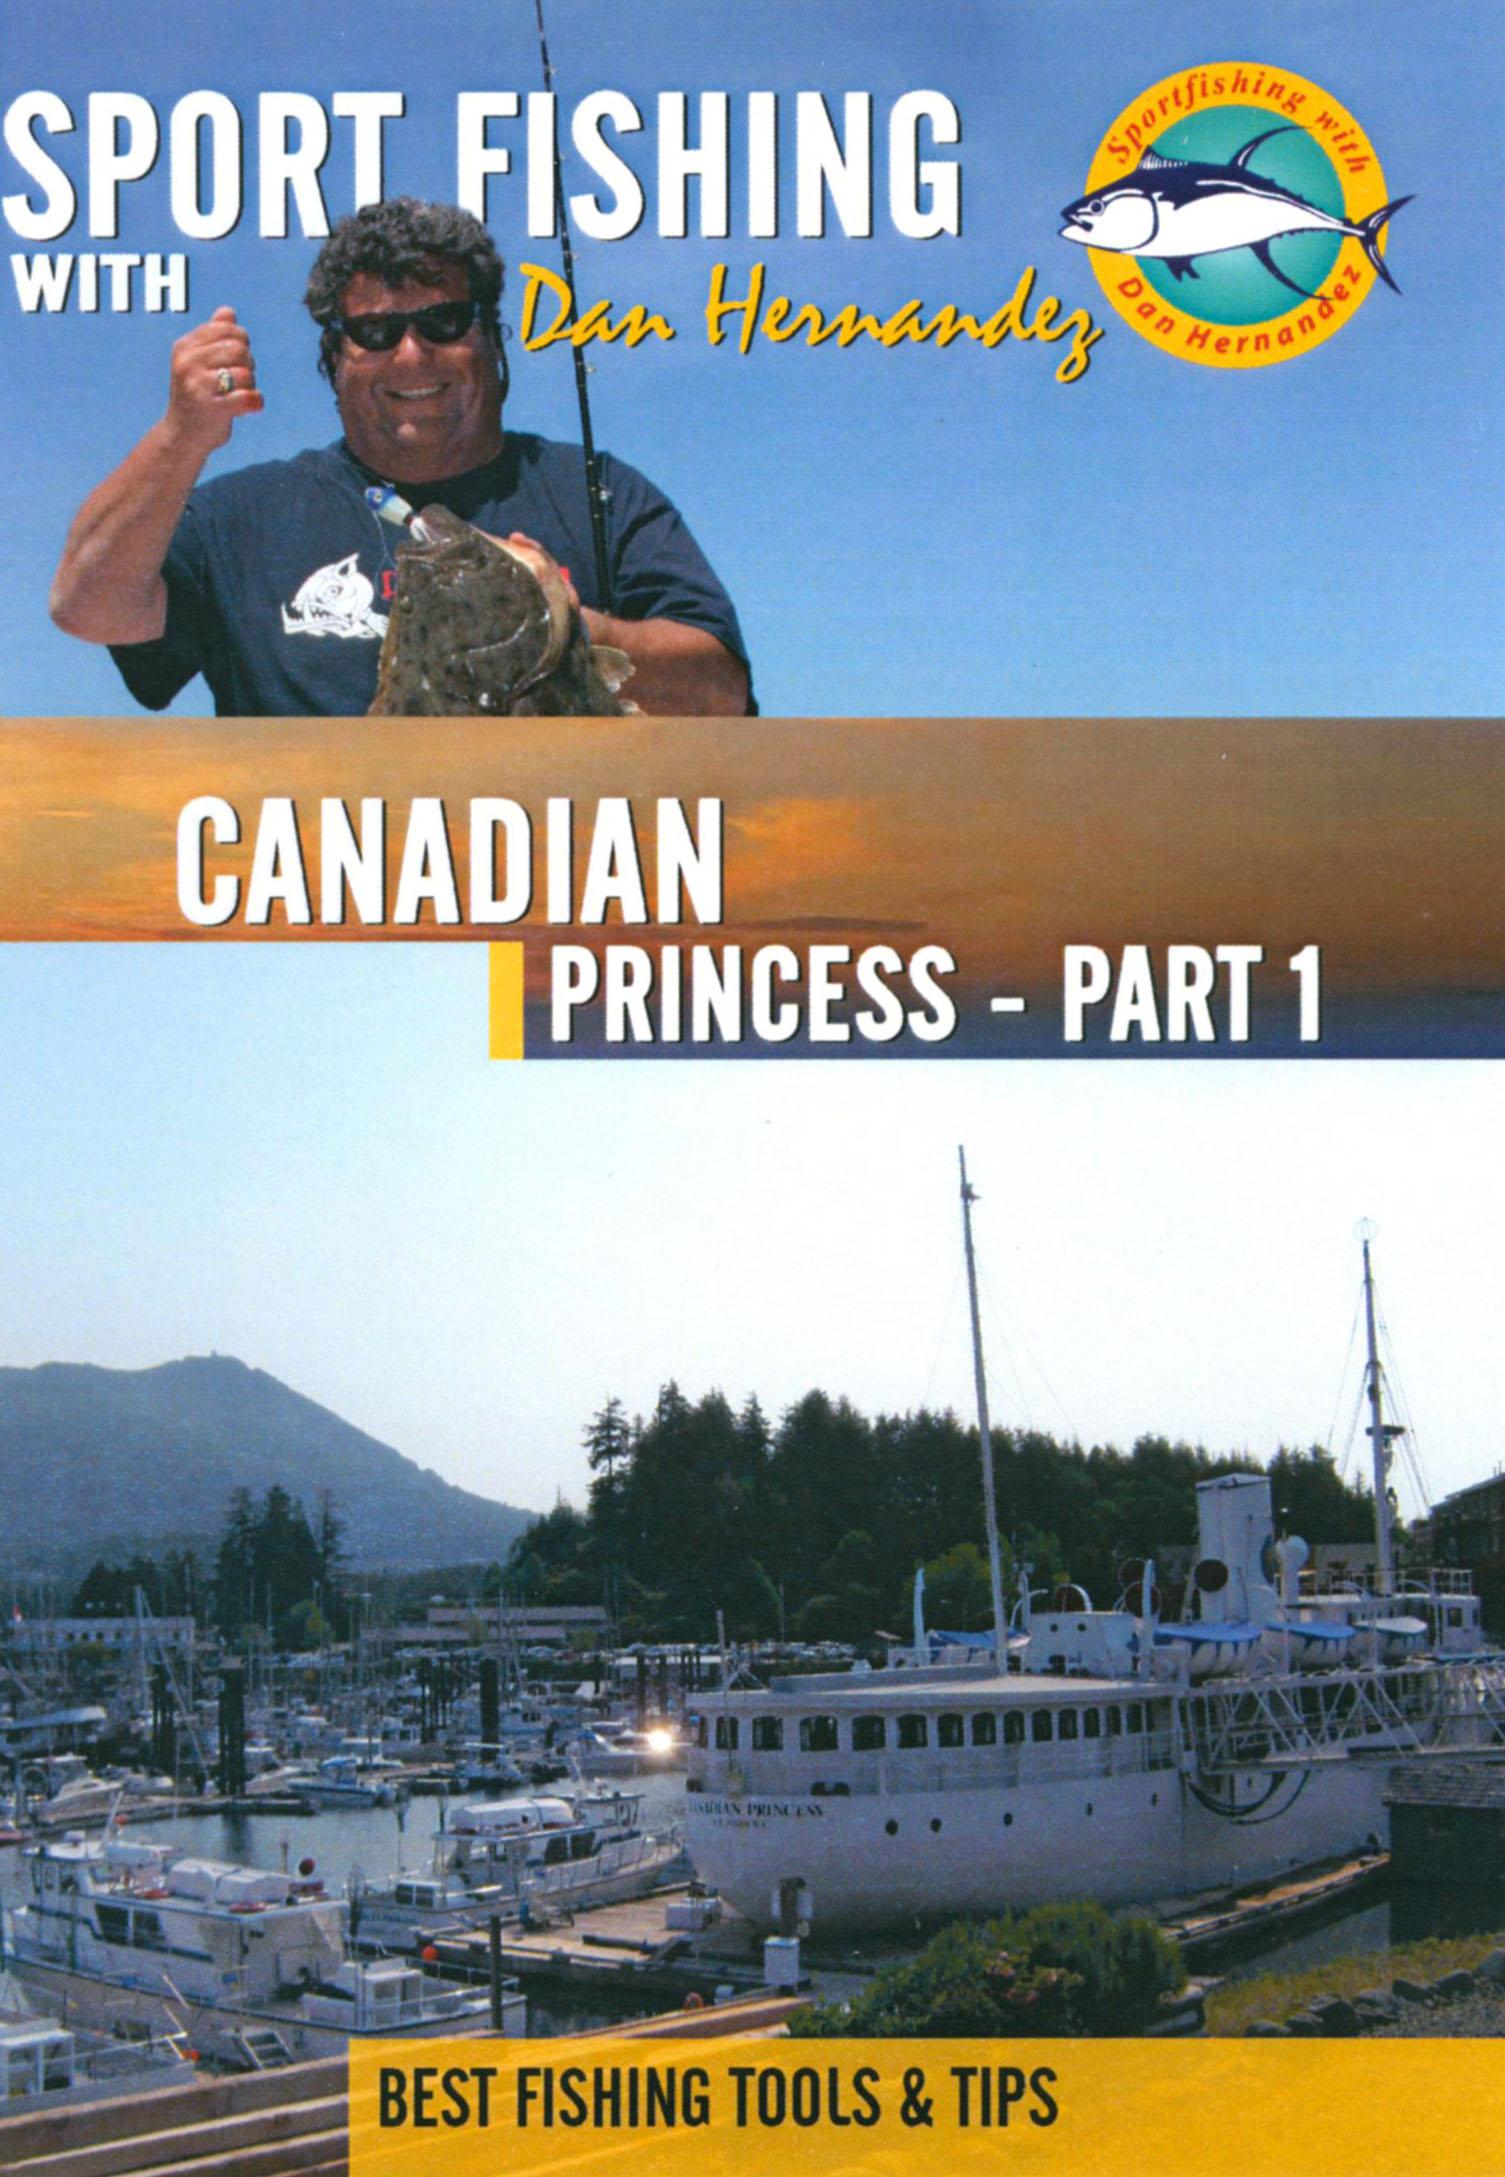 Sport Fishing With Dan Hernandez: Canadian Princess, Part 1